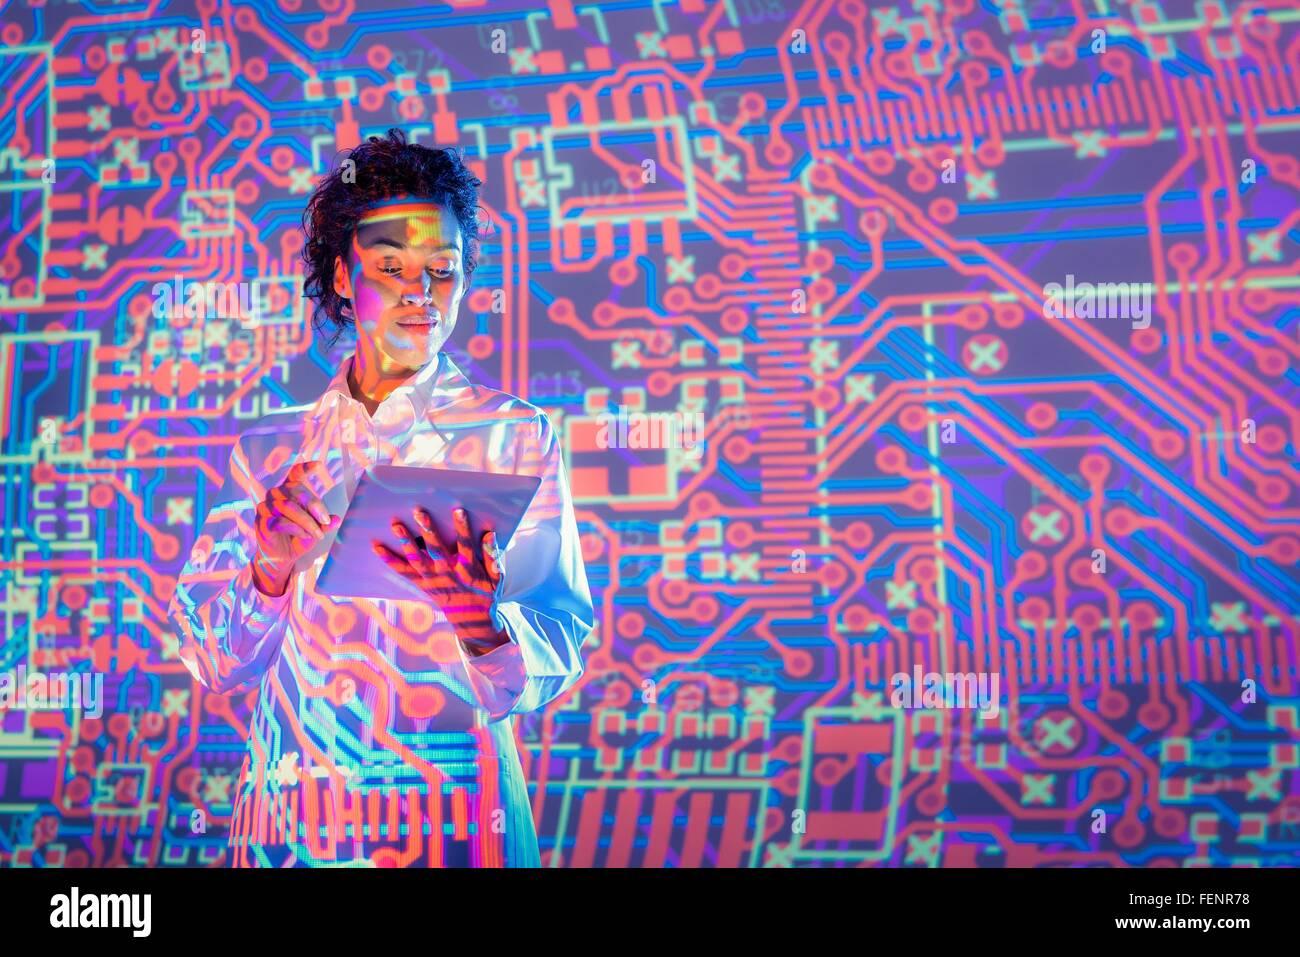 Wissenschaftlerin mit digital-Tablette mit grafischen elektronische Schaltung Projektion Stockbild